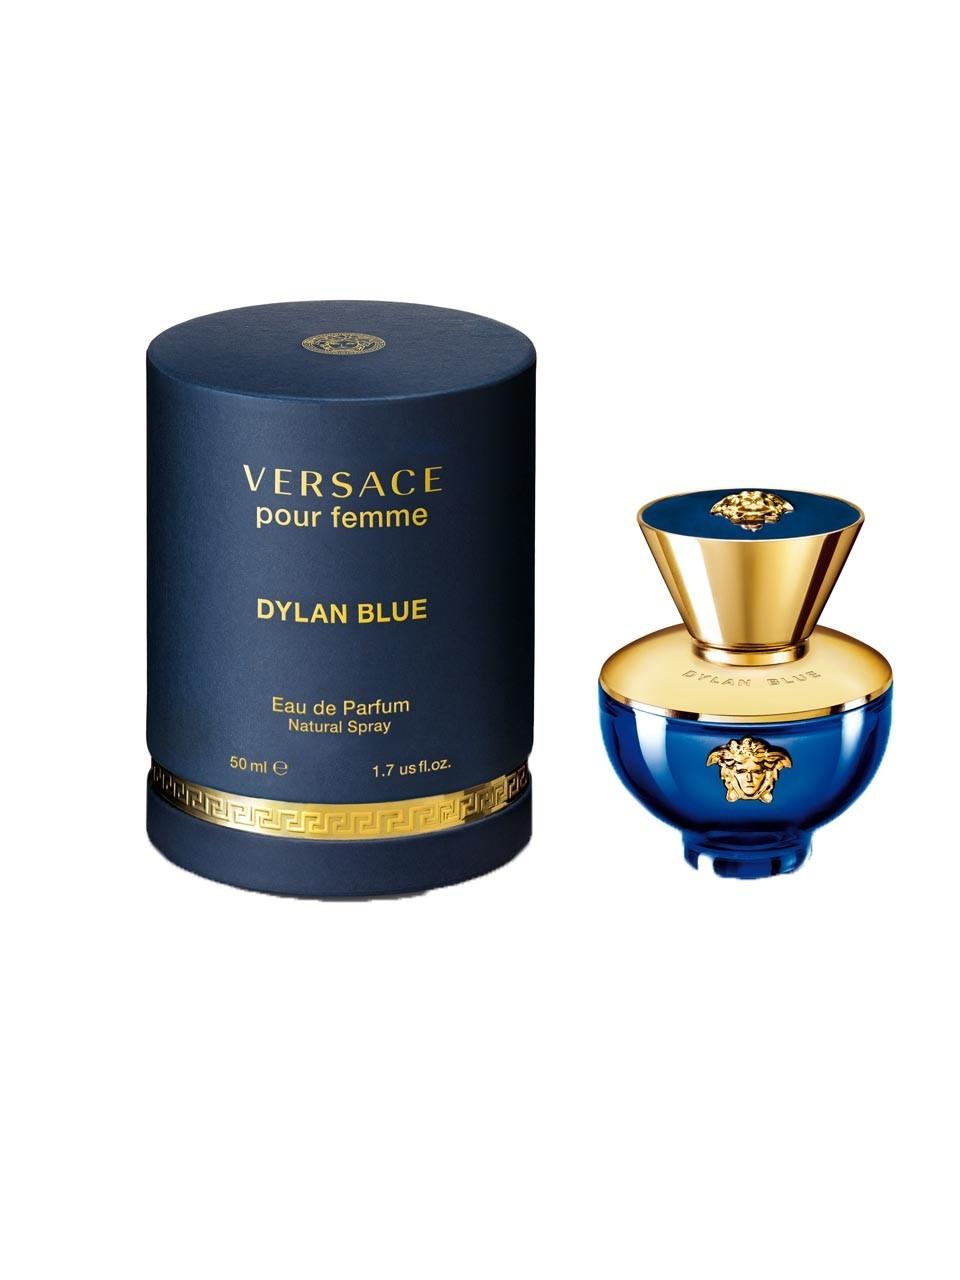 Versace Dylan Blue Pour Femme аромат для женщин